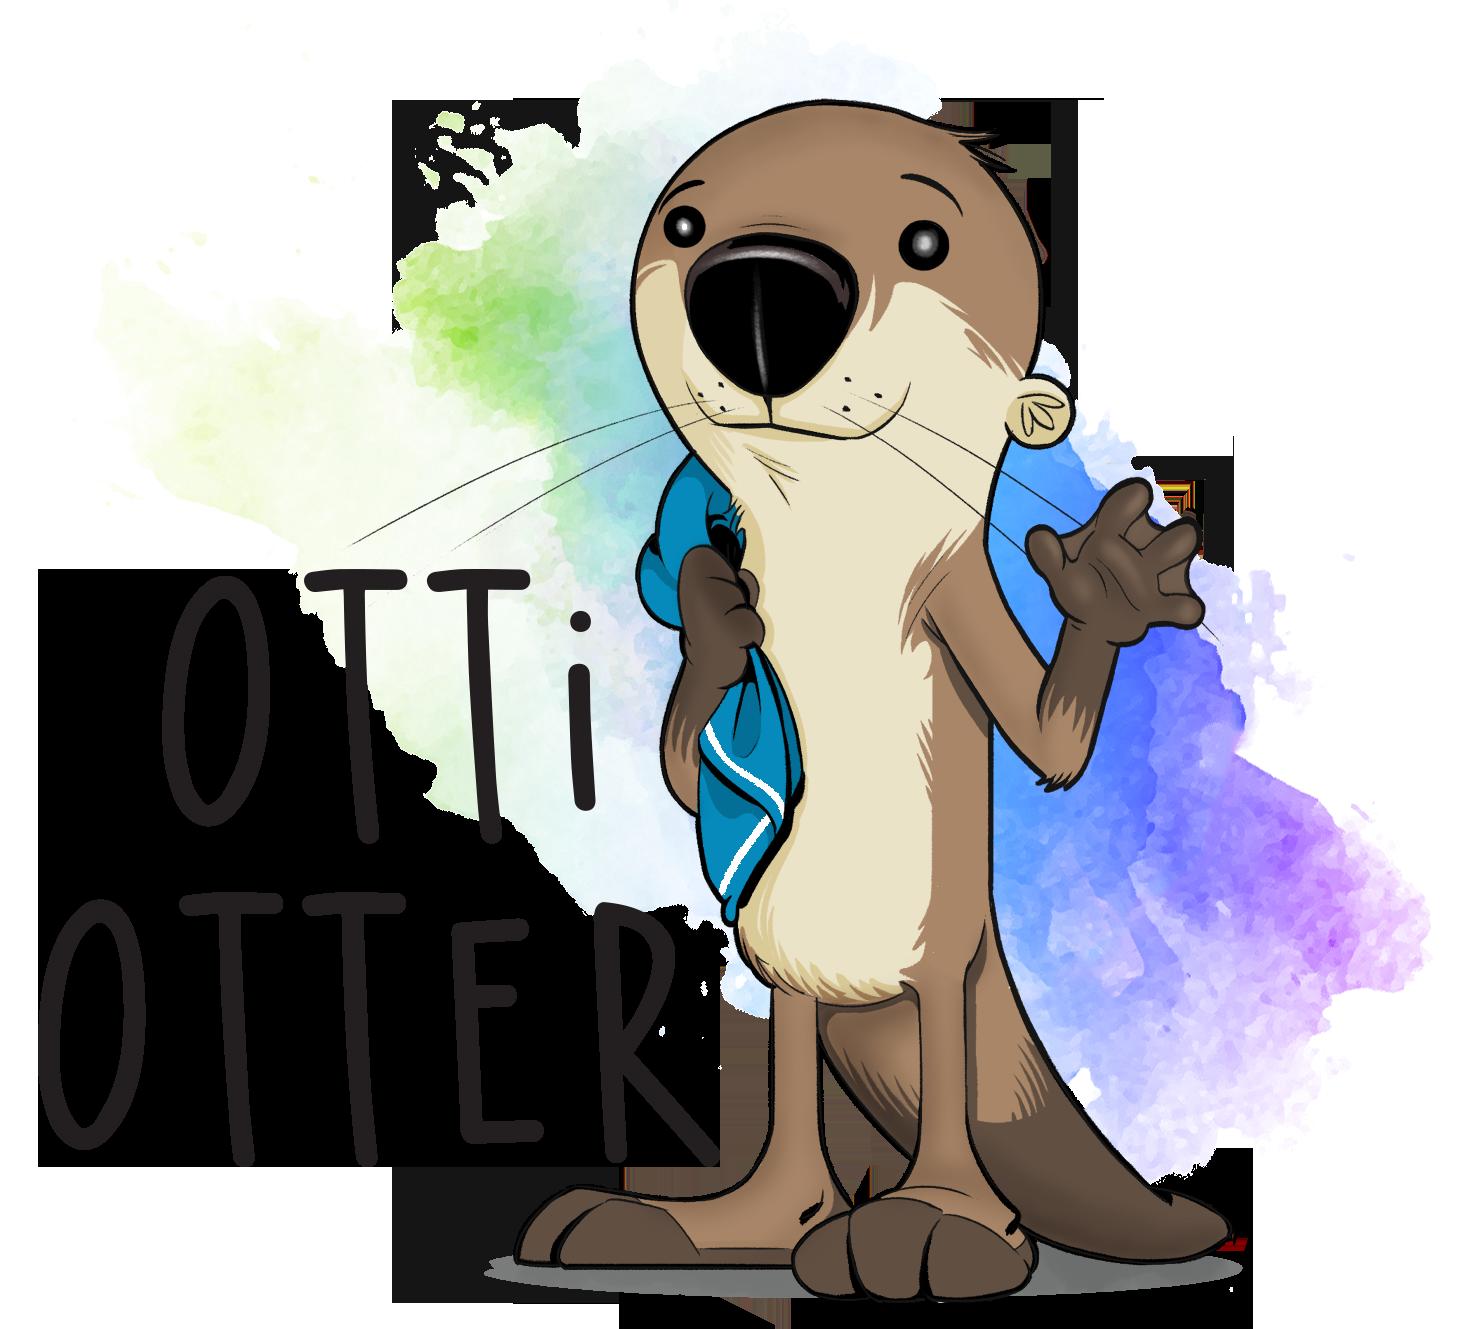 Otti Otter